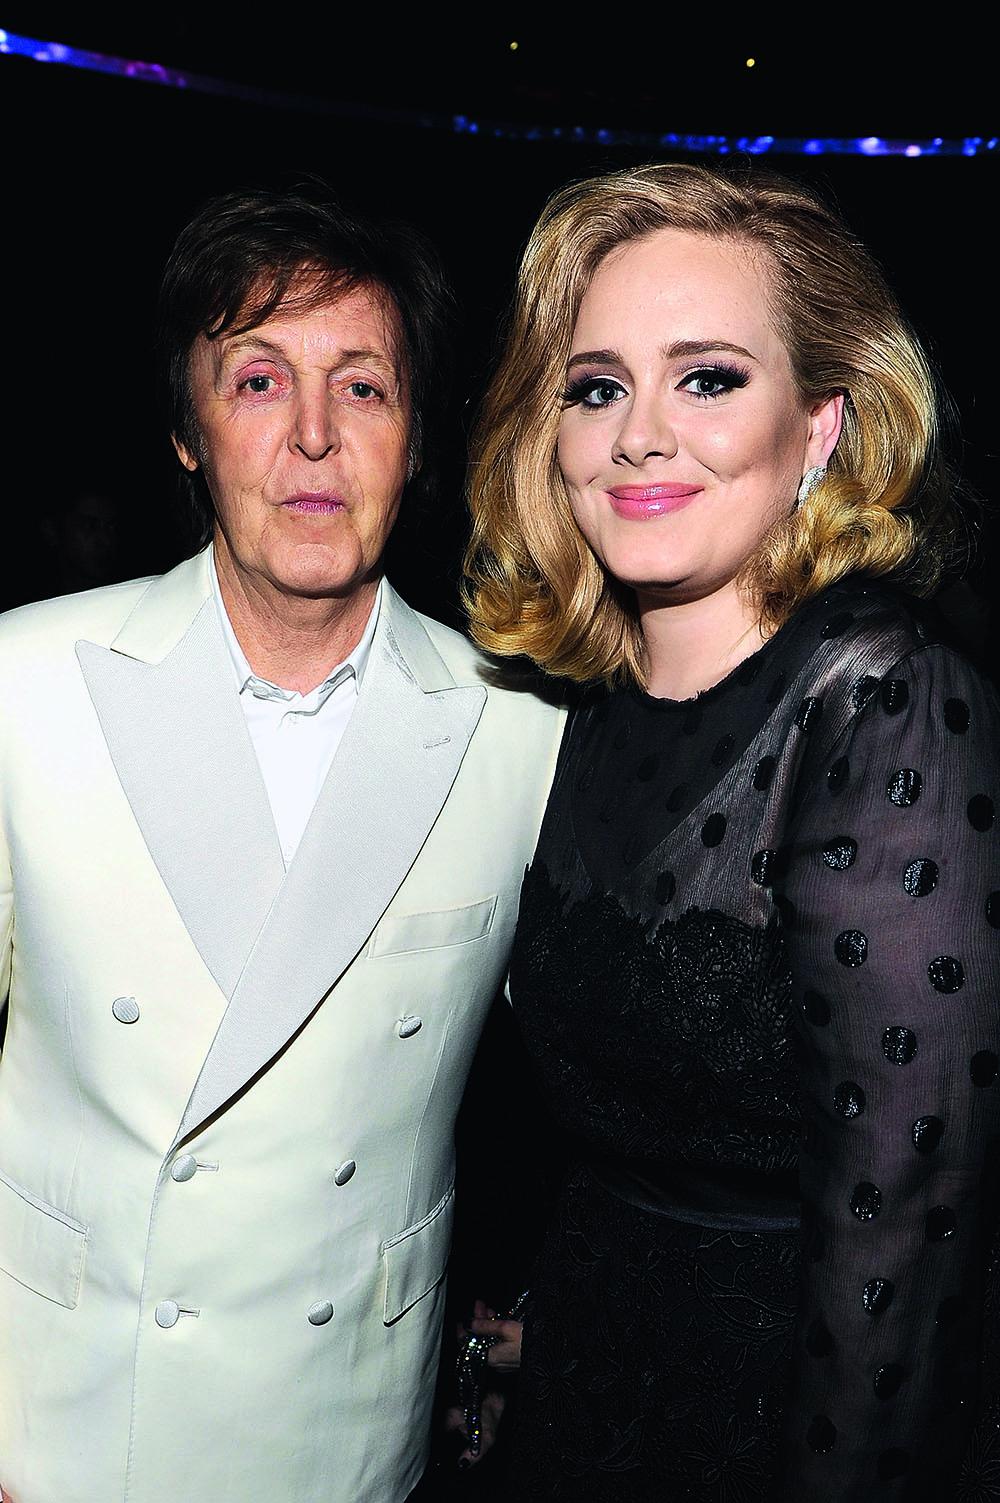 Адель с сэром Полом Маккартни на «Грэмми», 2012 г.